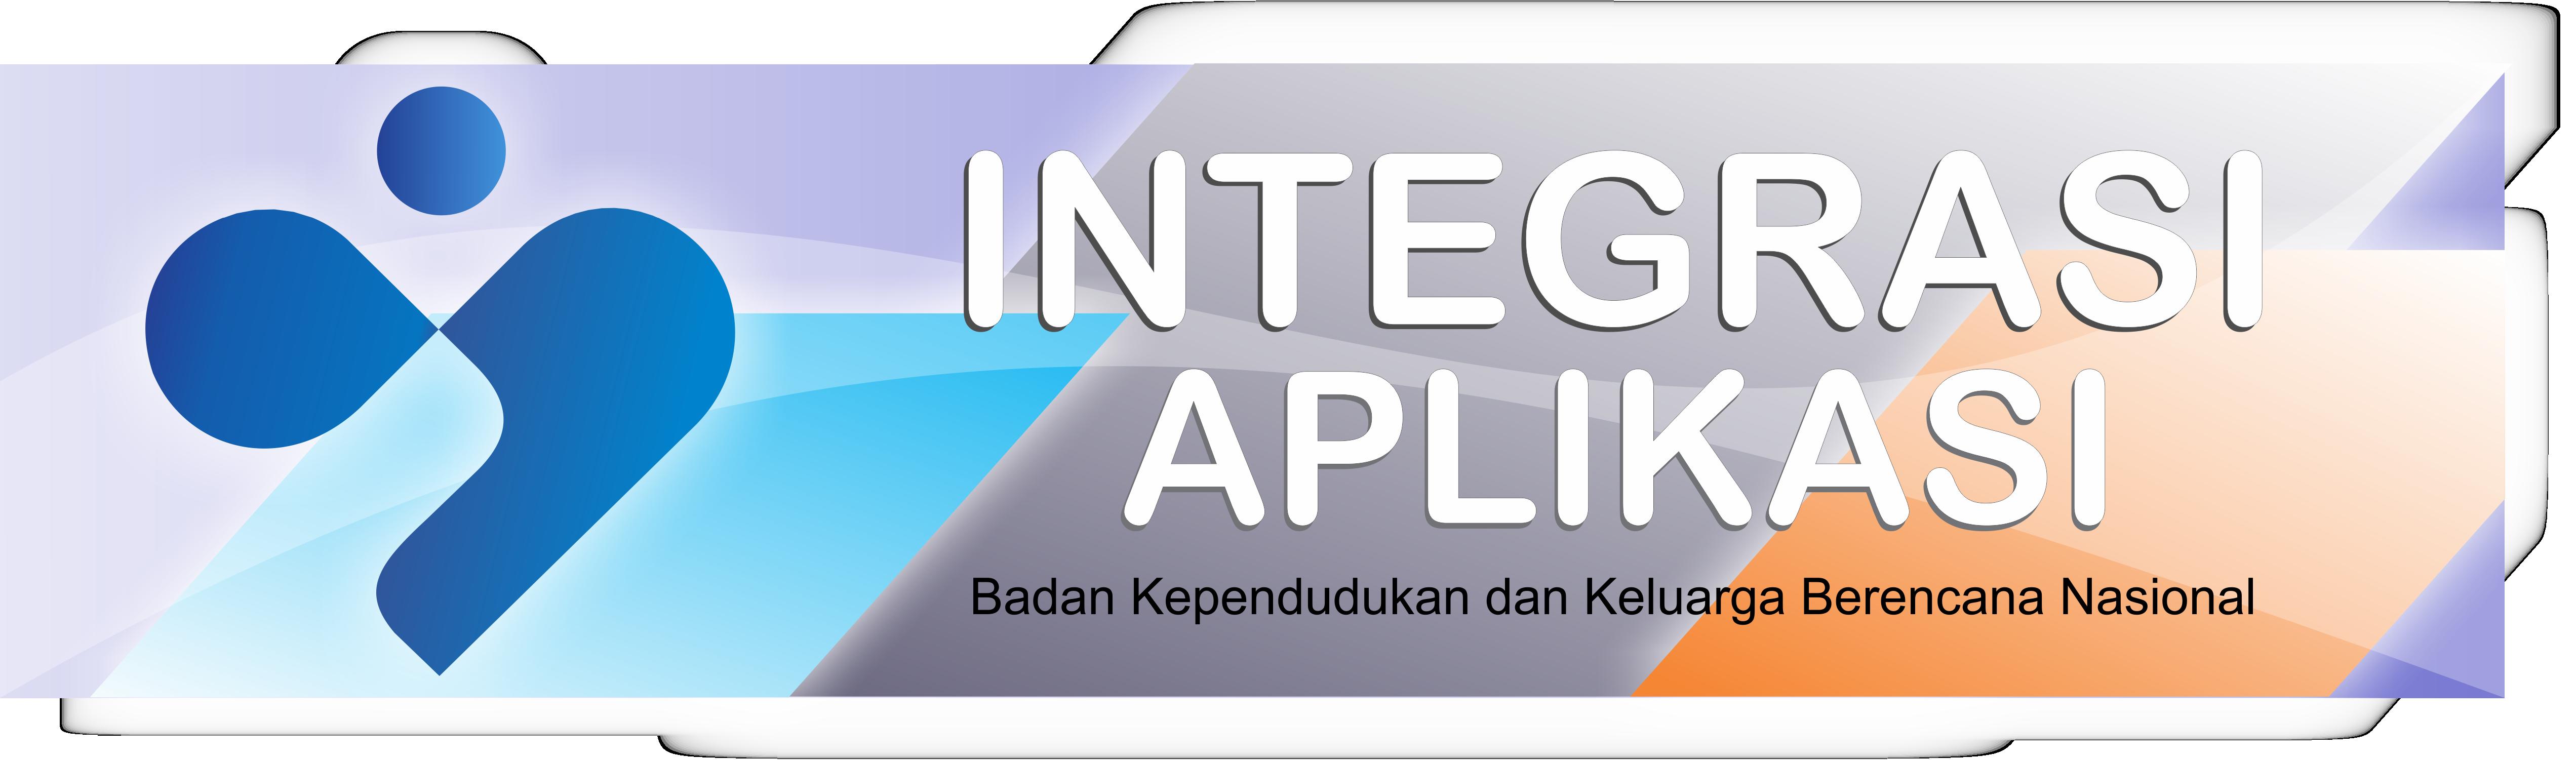 Integrasi Aplikasi BKKBN